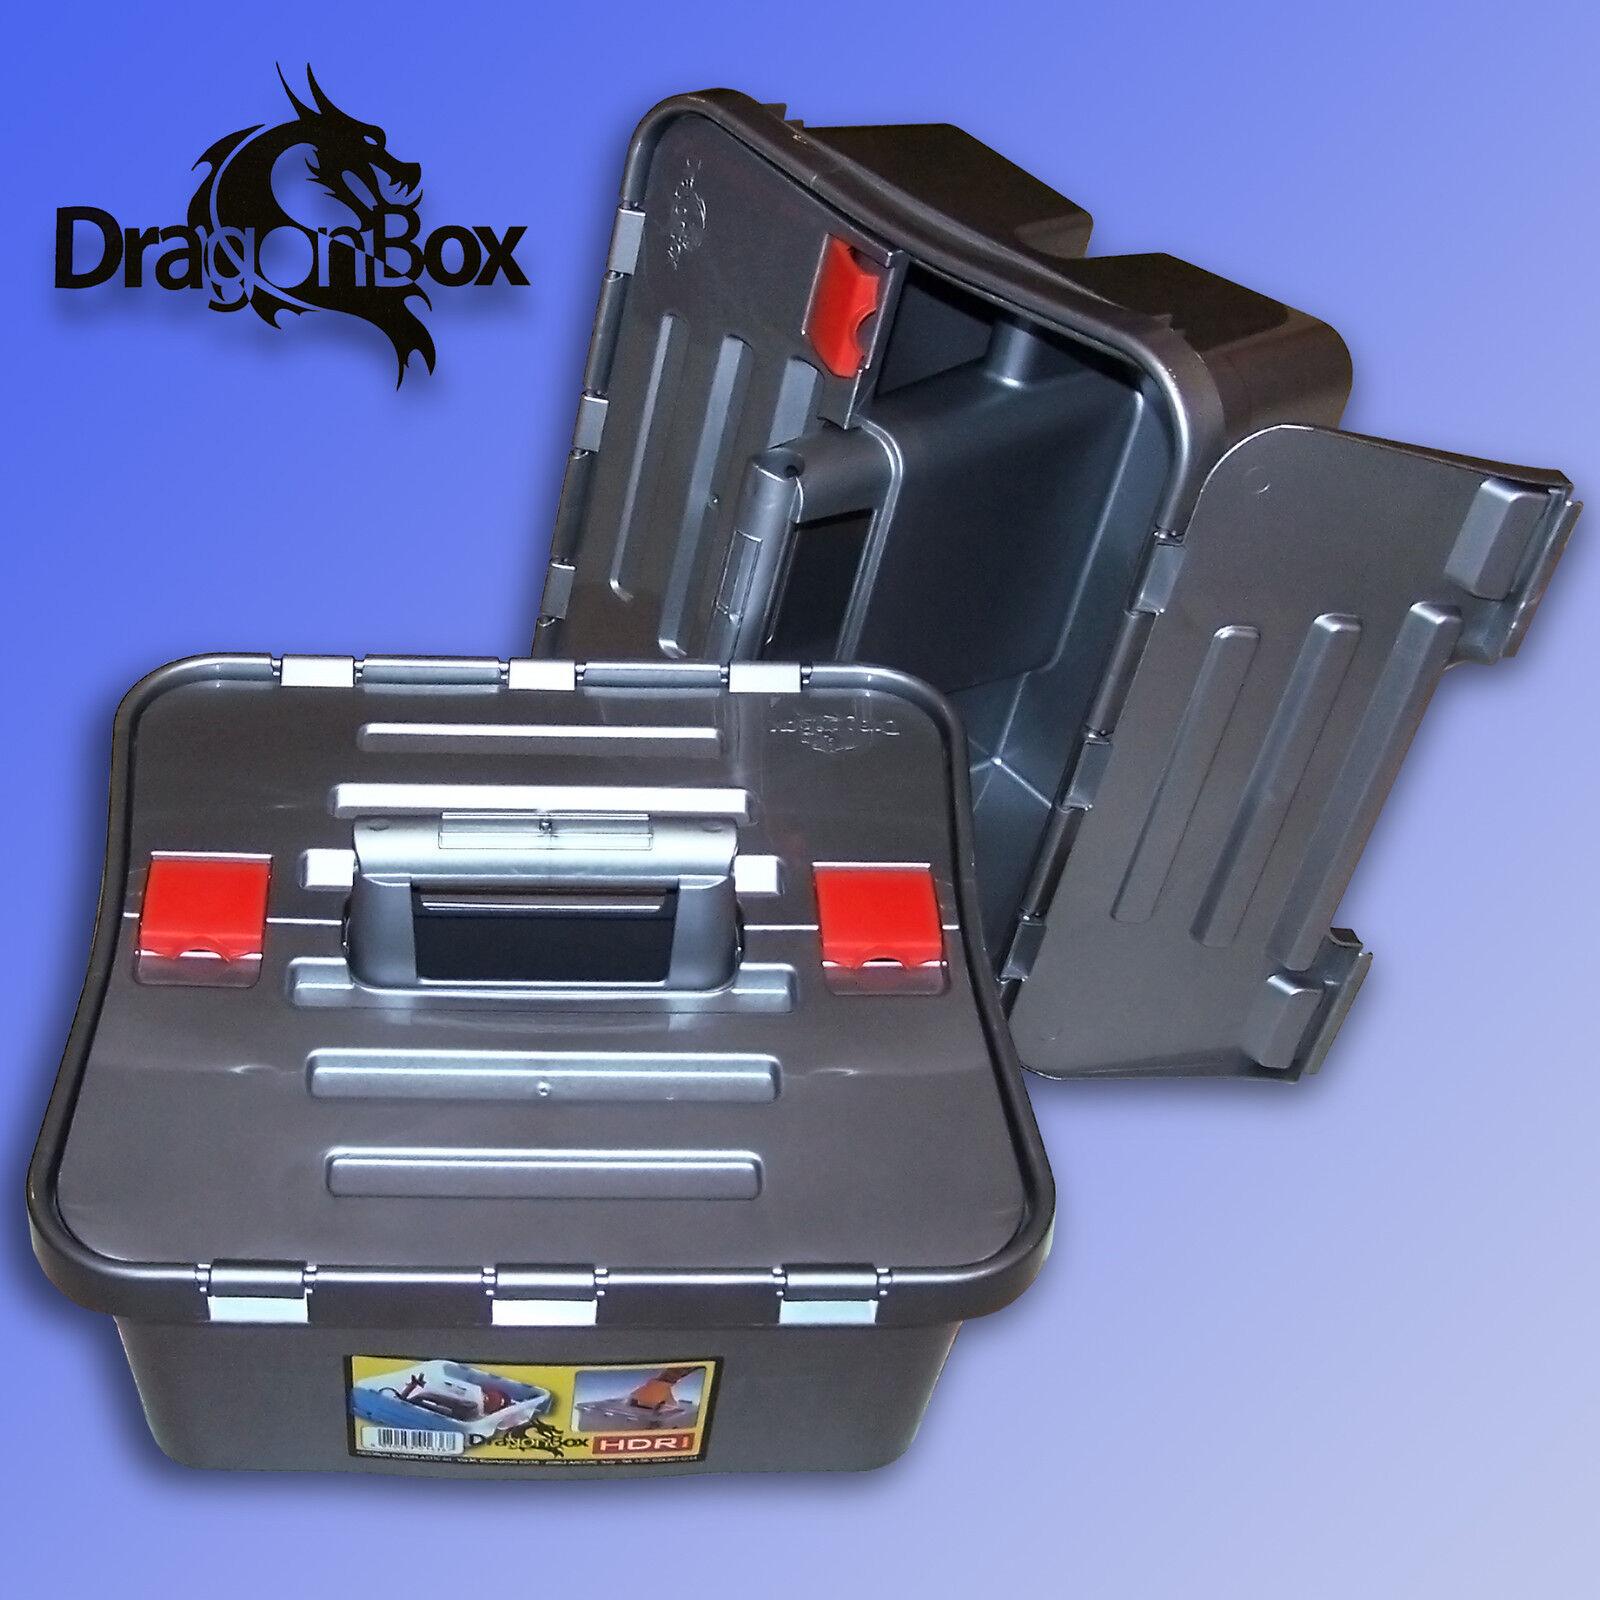 HDR Universale Tragebox Strumento Scatola L'Ordinamento Piccole Parti Attrezzo